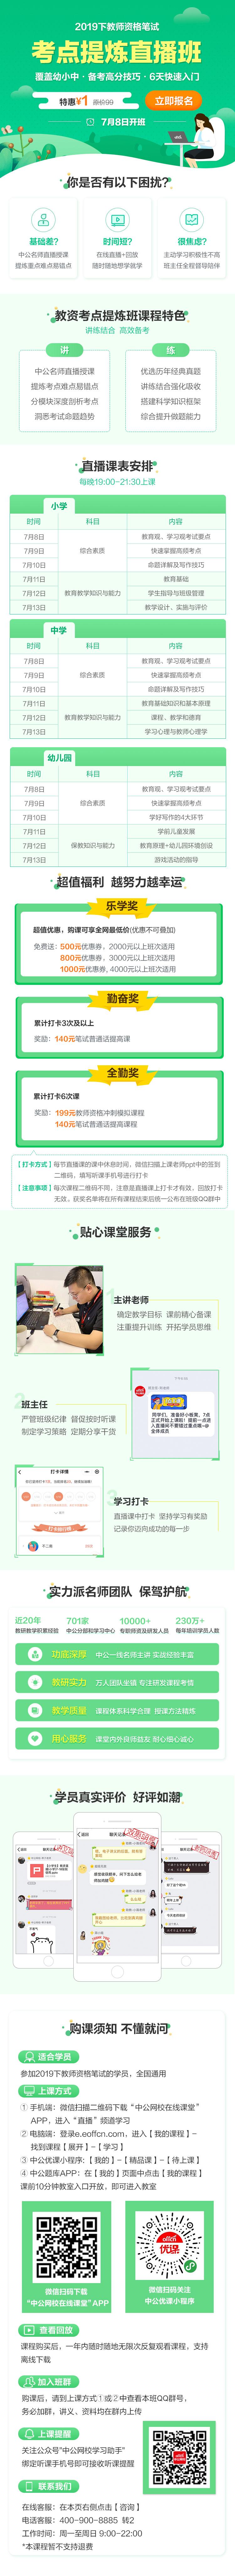 教资4期V9详情页(幼儿园小学中学).jpg